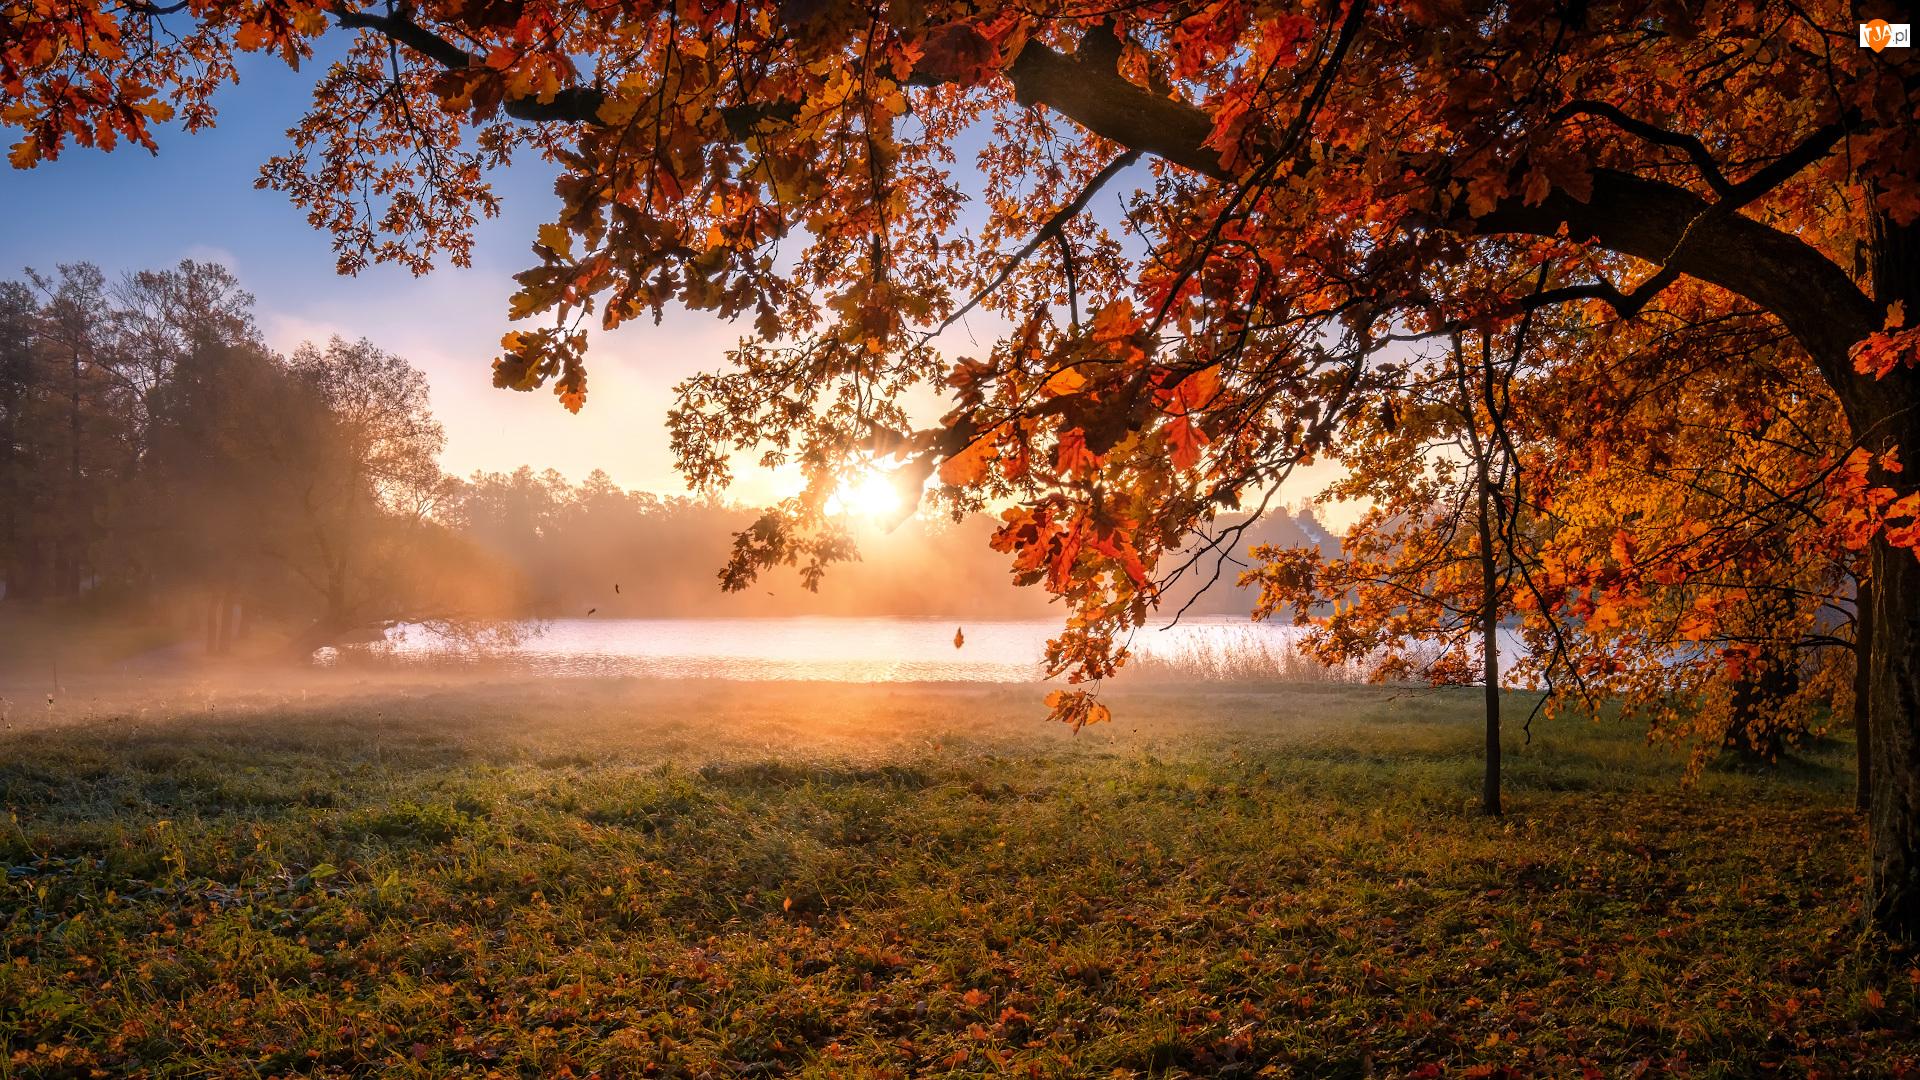 Dąb, Liście, Carskie Sioło, Staw, Jesień, Petersburg, Kolorowe, Wschód słońca, Mgła, Drzewo, Rosja